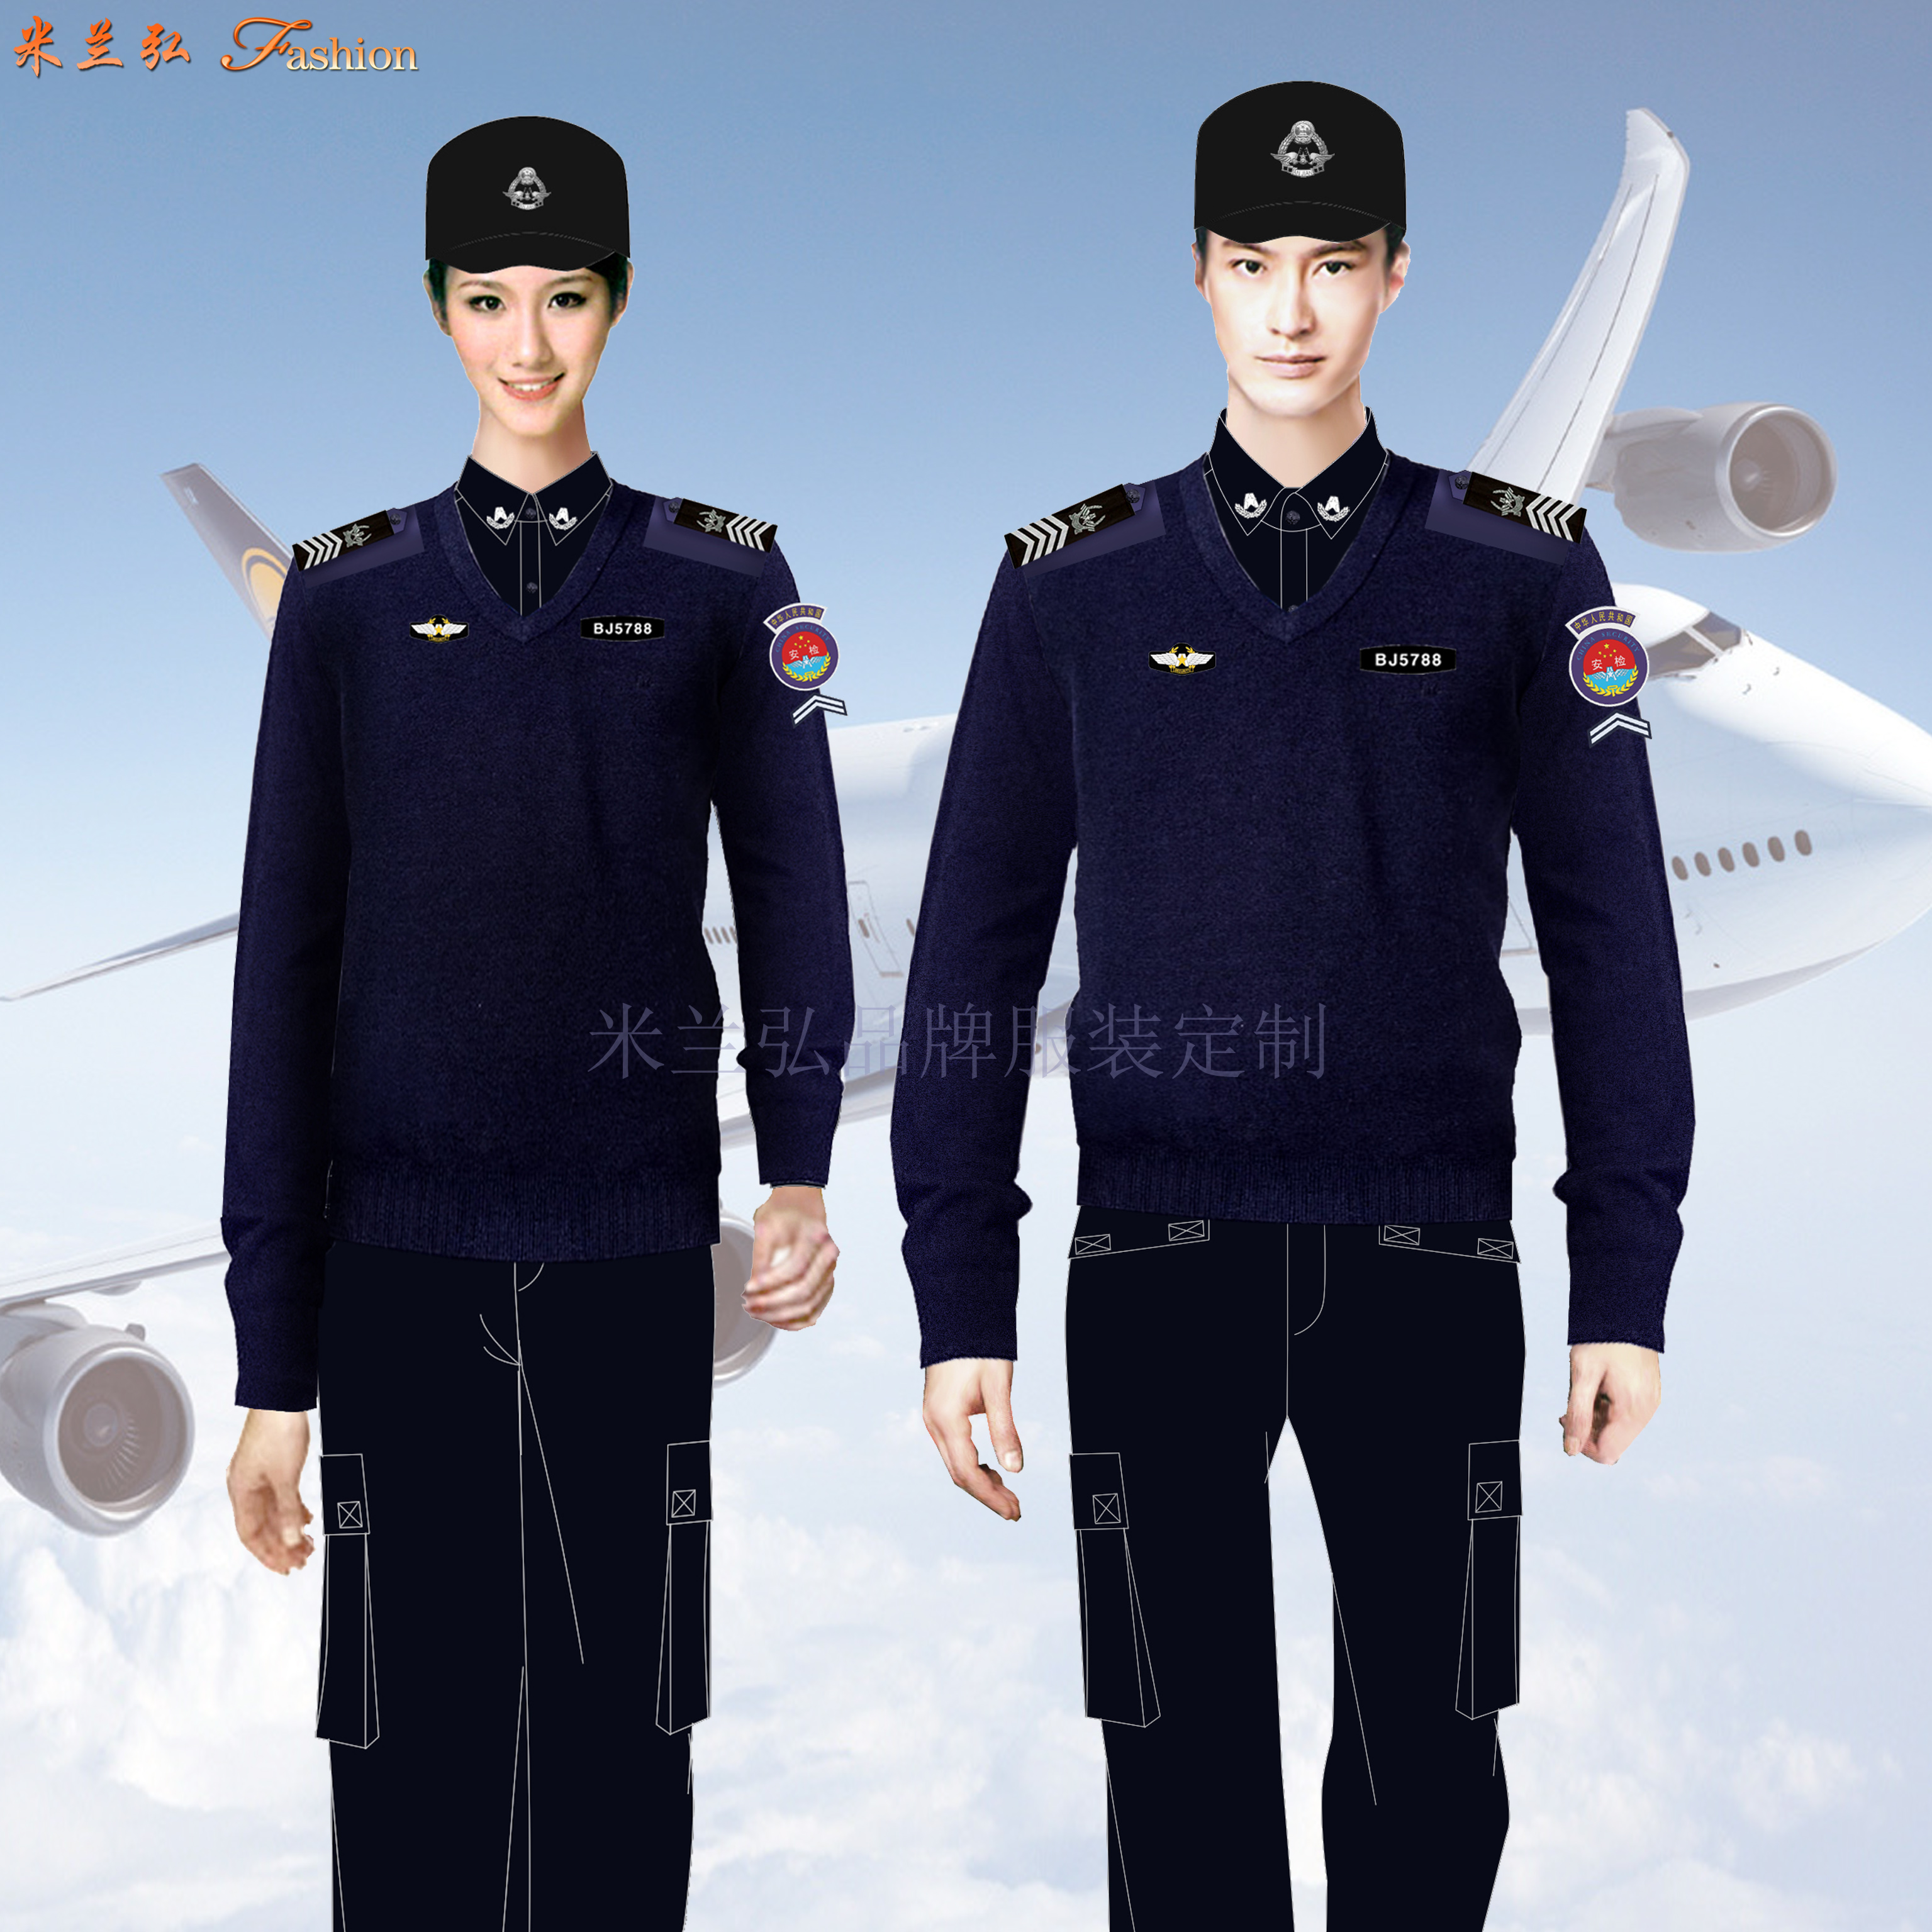 「安檢服定制」「機場安檢服定做」「航空安檢服訂制」-3